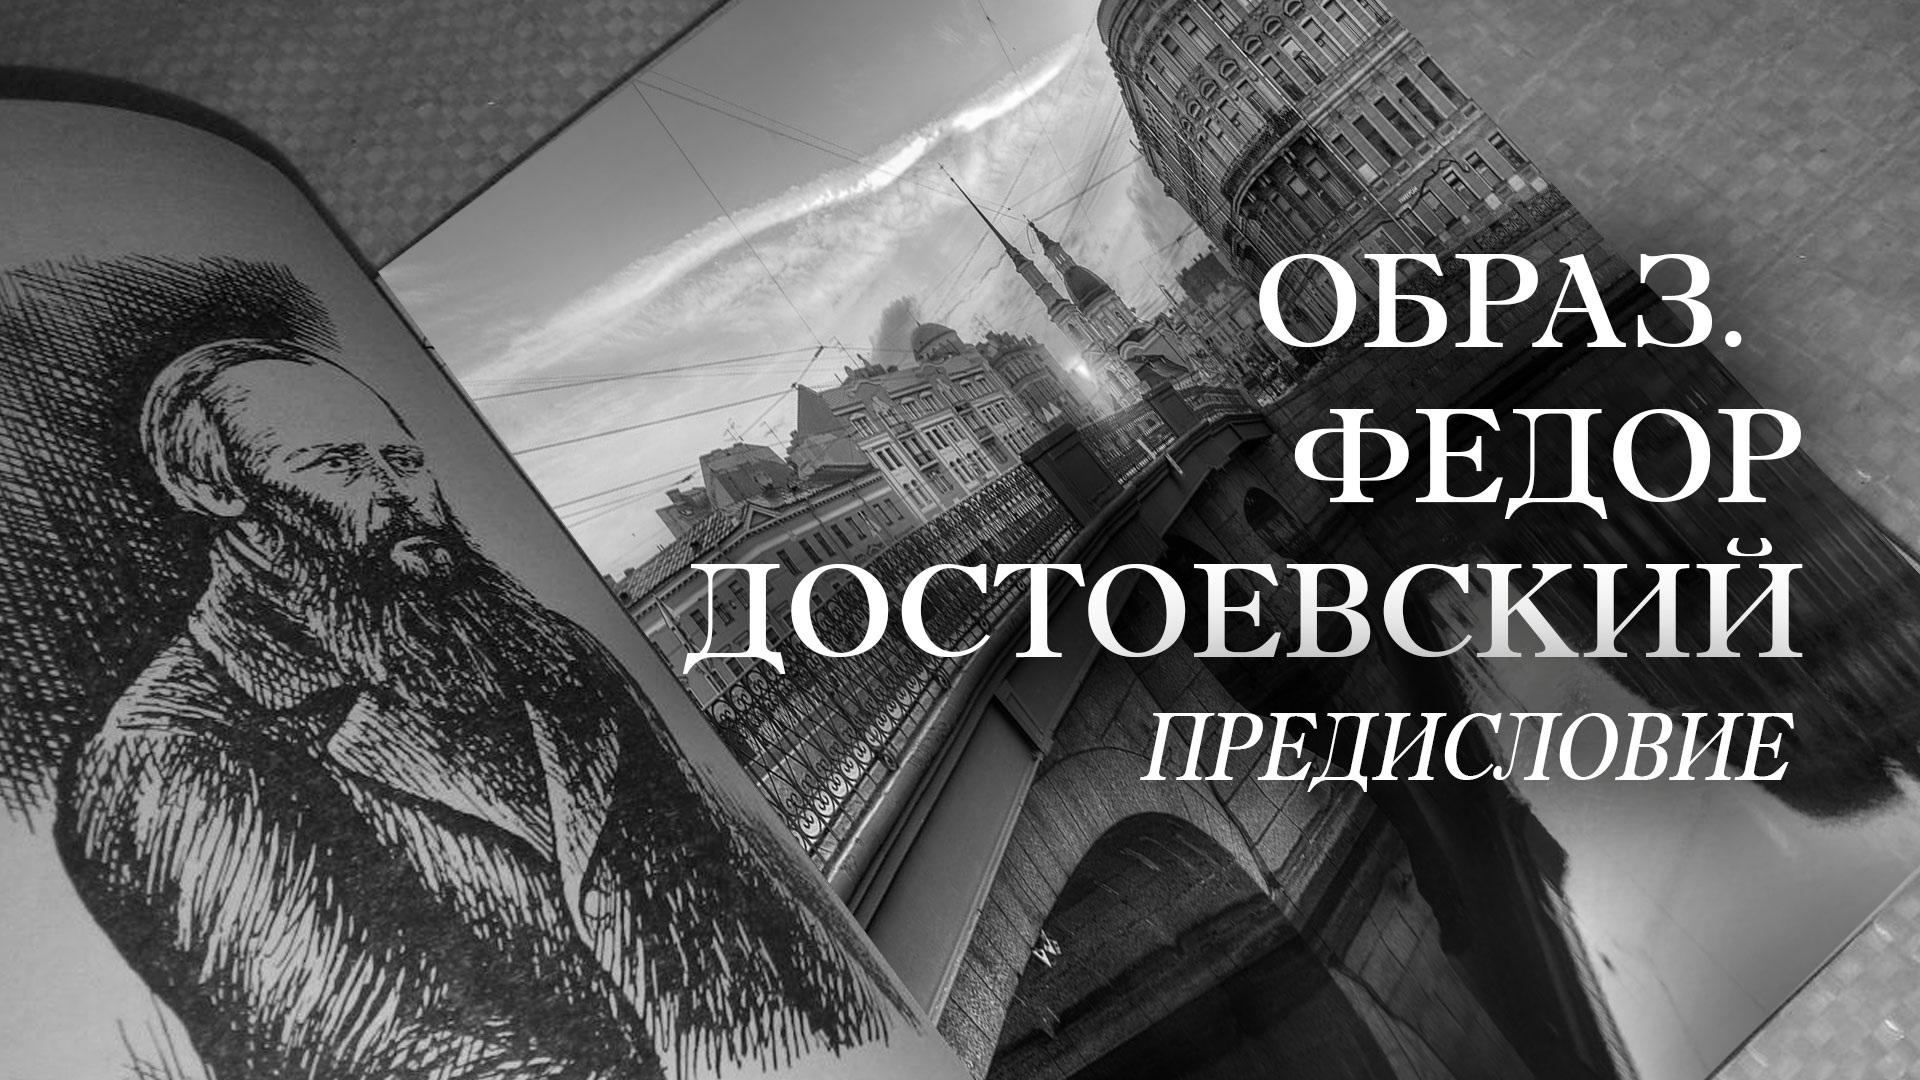 Образ. Федор Достоевский. Предисловие